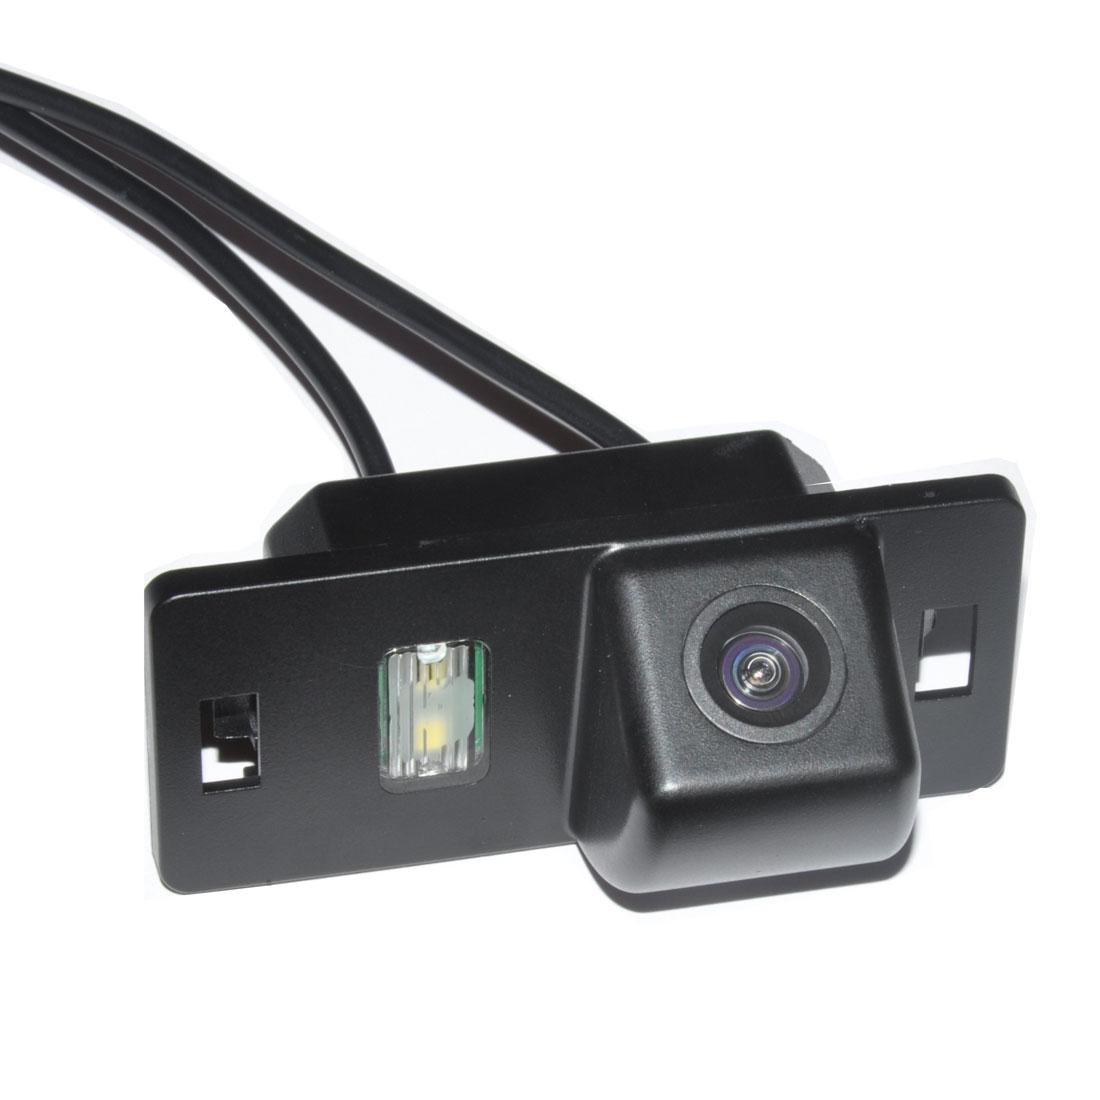 Vue Arrière de voiture Inverse Parking Caméra Étanche de Vision Nocturne Caméra pour Audi A1 A3 A4 A5 A6 RS4 TT Q5 Q7 Volkswagen Passat R36